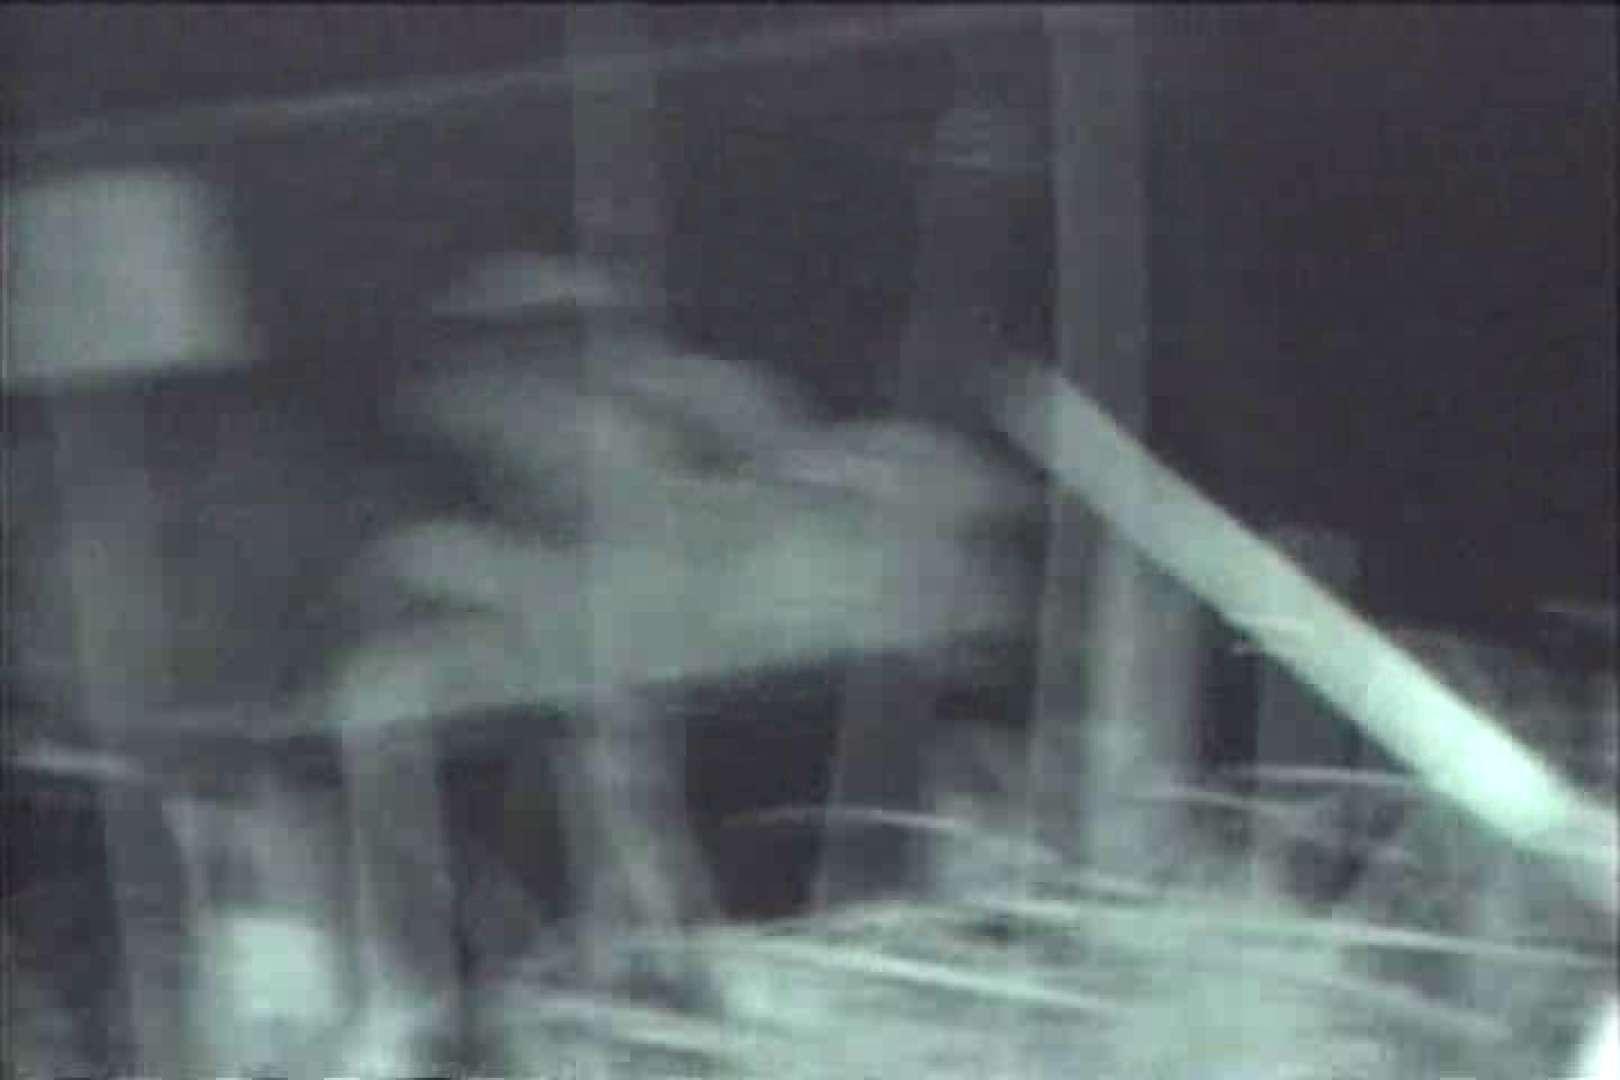 車の中はラブホテル 無修正版  Vol.16 ガールの盗撮 盗撮動画紹介 96枚